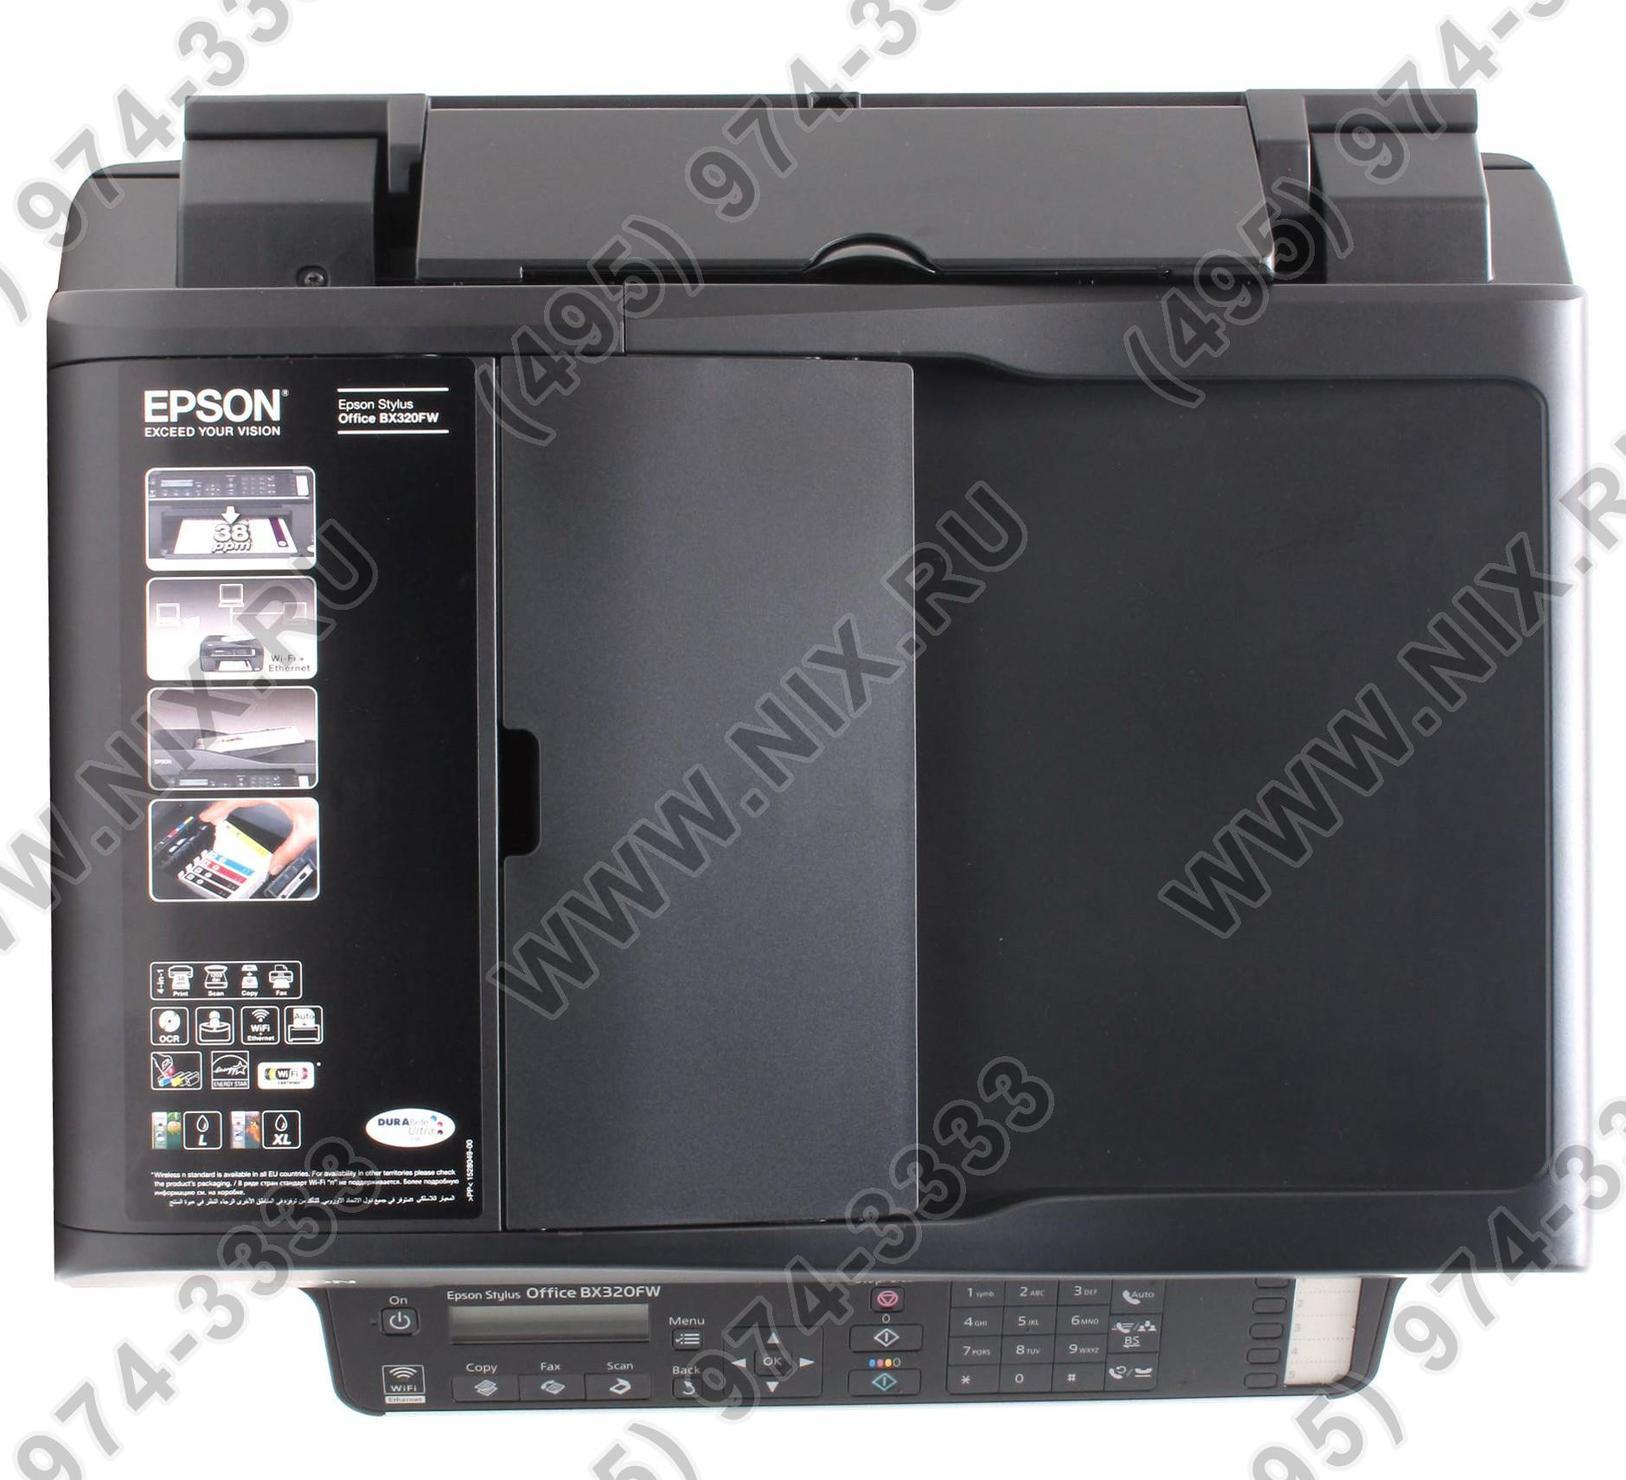 Epson Stylus Office Bx320fw Hp Ink Tank 319 Z6z13a Md